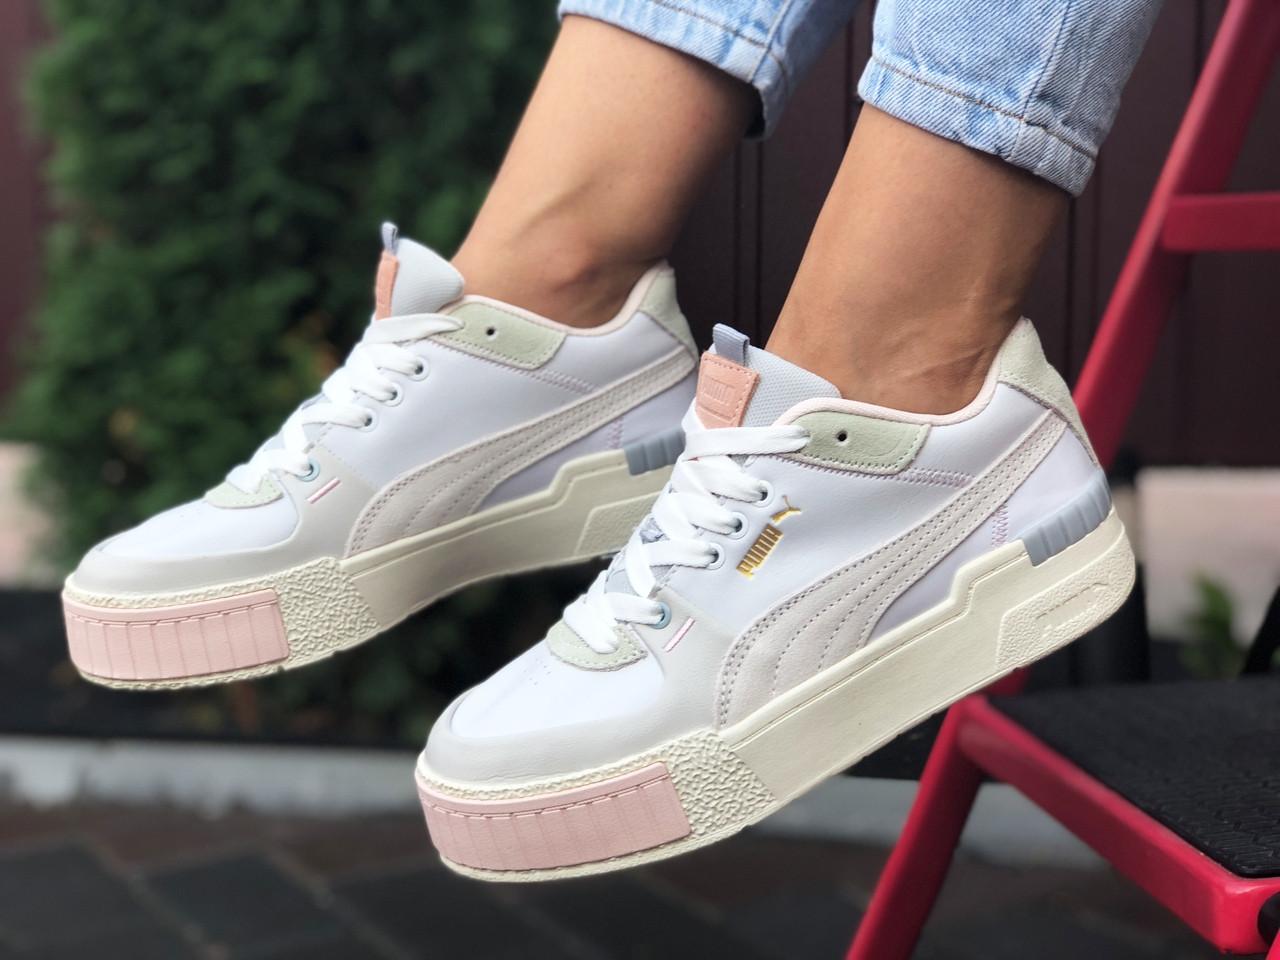 Puma женские демисезонные белые с бежевым кроссовки на шнурках